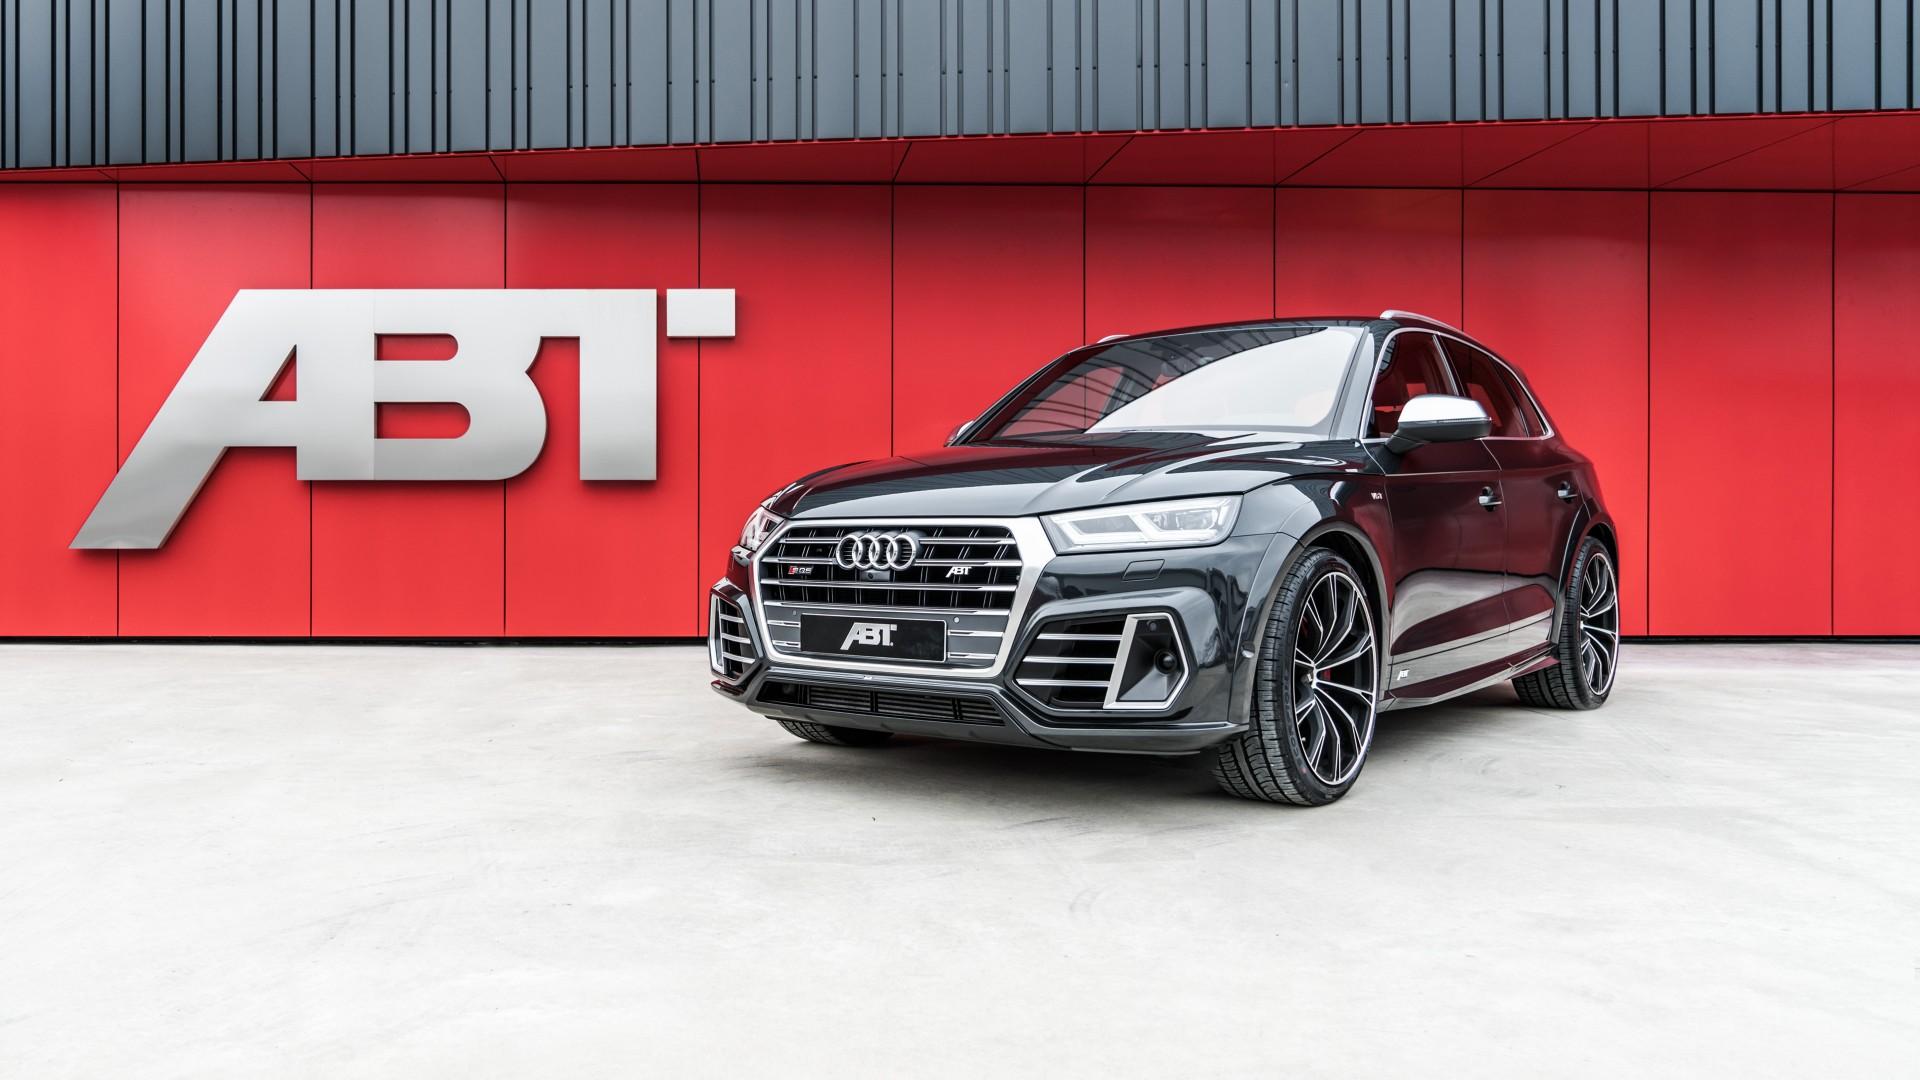 2017 Audi R8 Iphone Wallpaper 2018 Abt Audi Sq5 Widebody 4k Wallpaper Hd Car